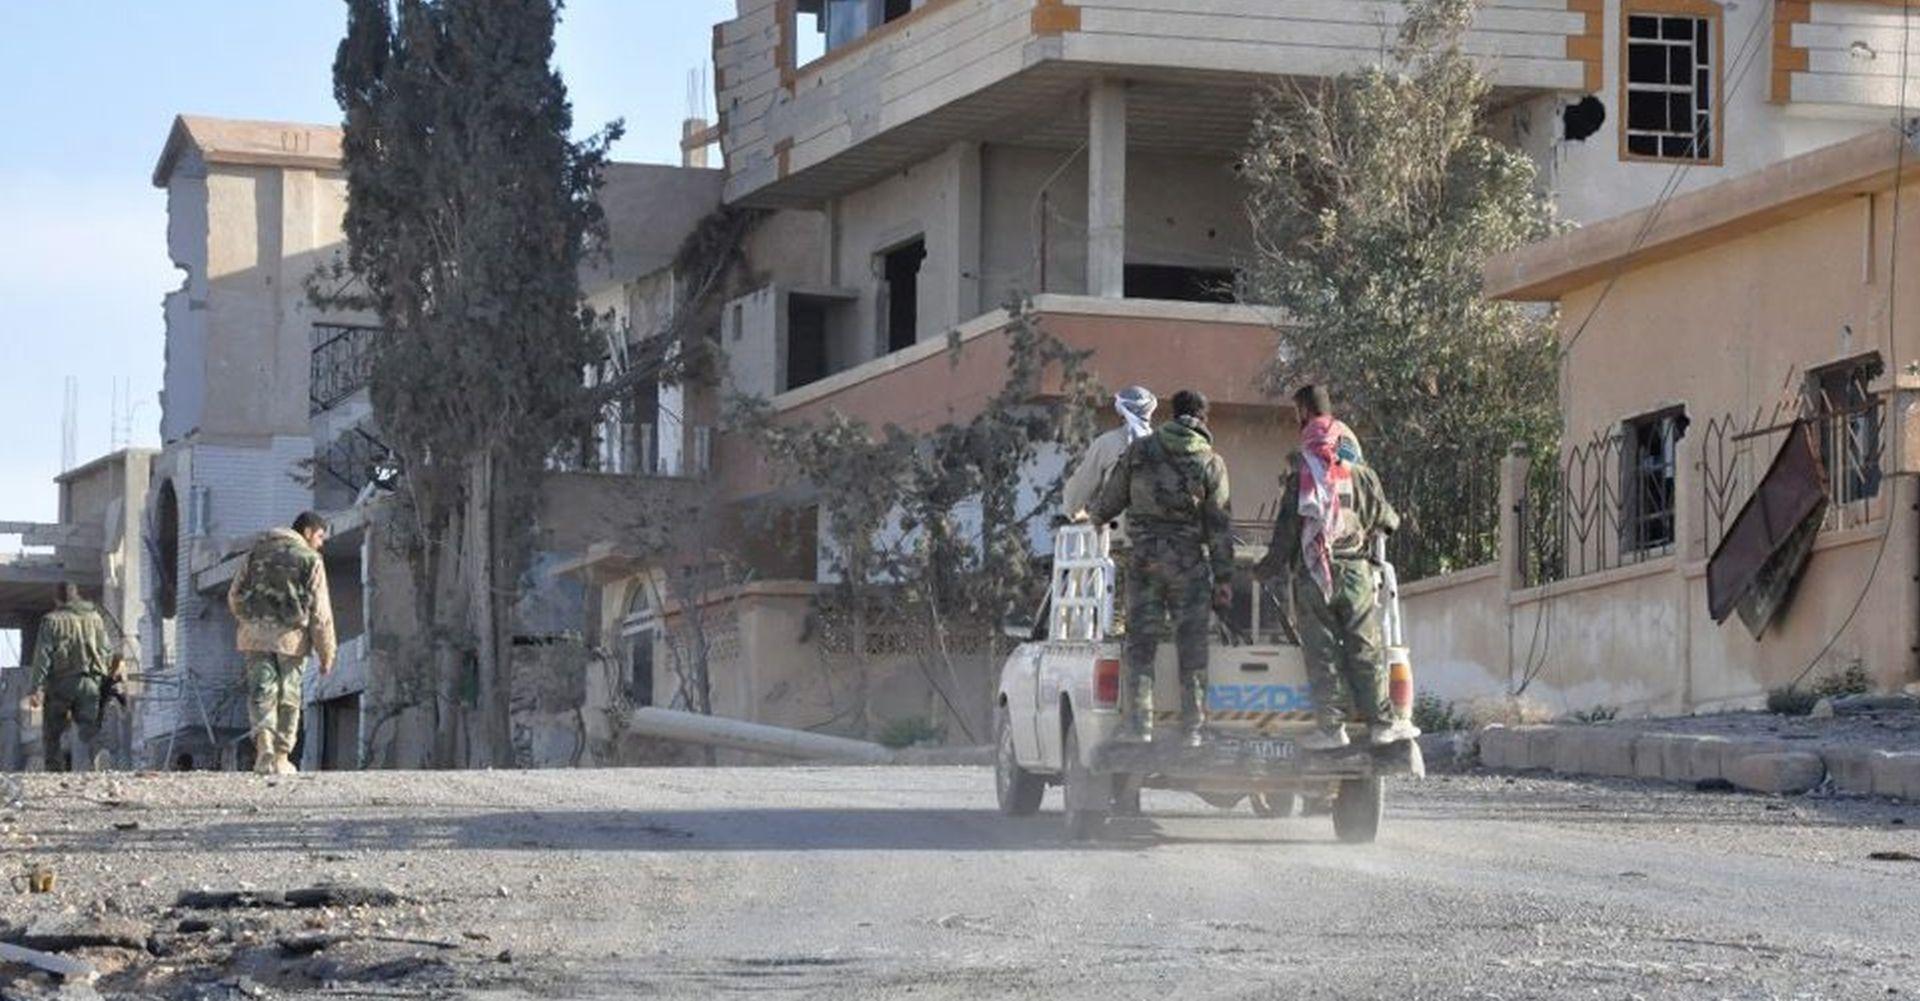 'PROMETNO' U SIRIJI Vojske triju skupina u utrci za oslobađanje teritorija od Islamske države